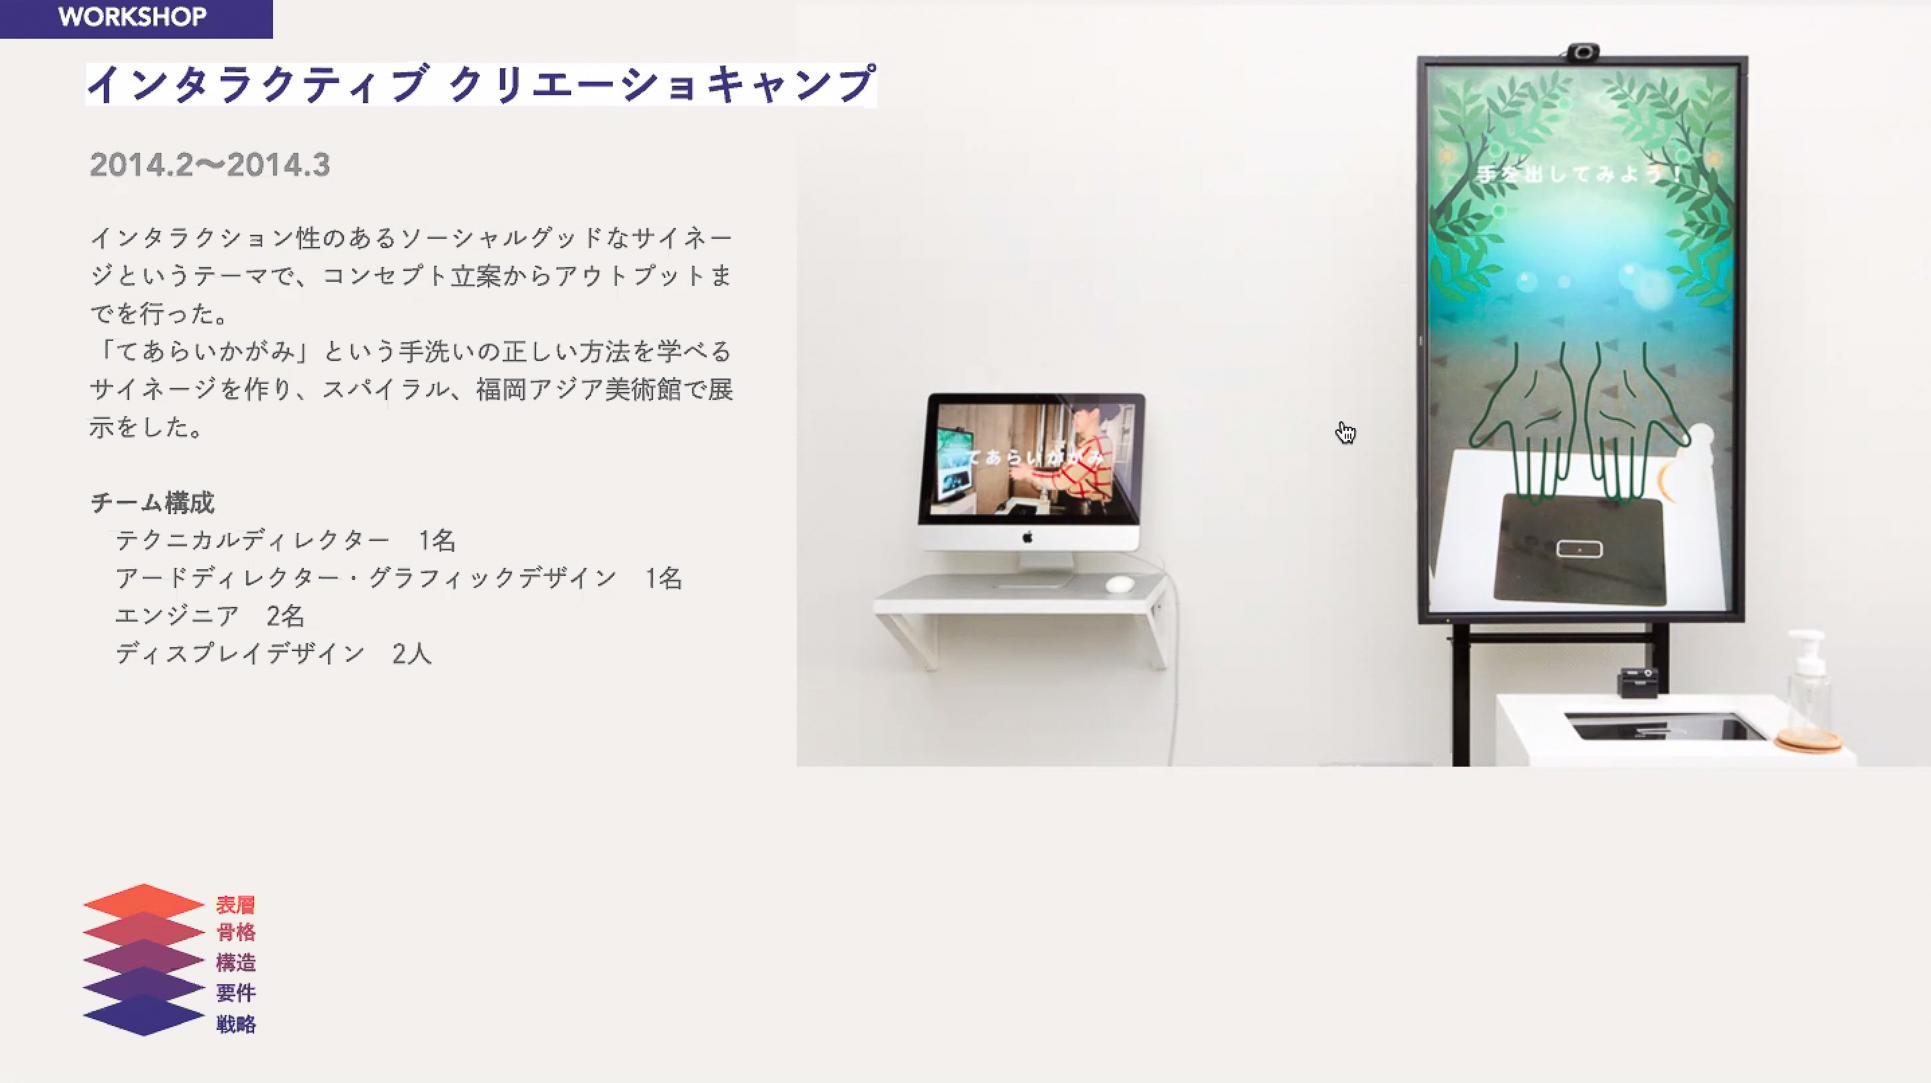 スクリーンショット 2020-11-20 17.18.10